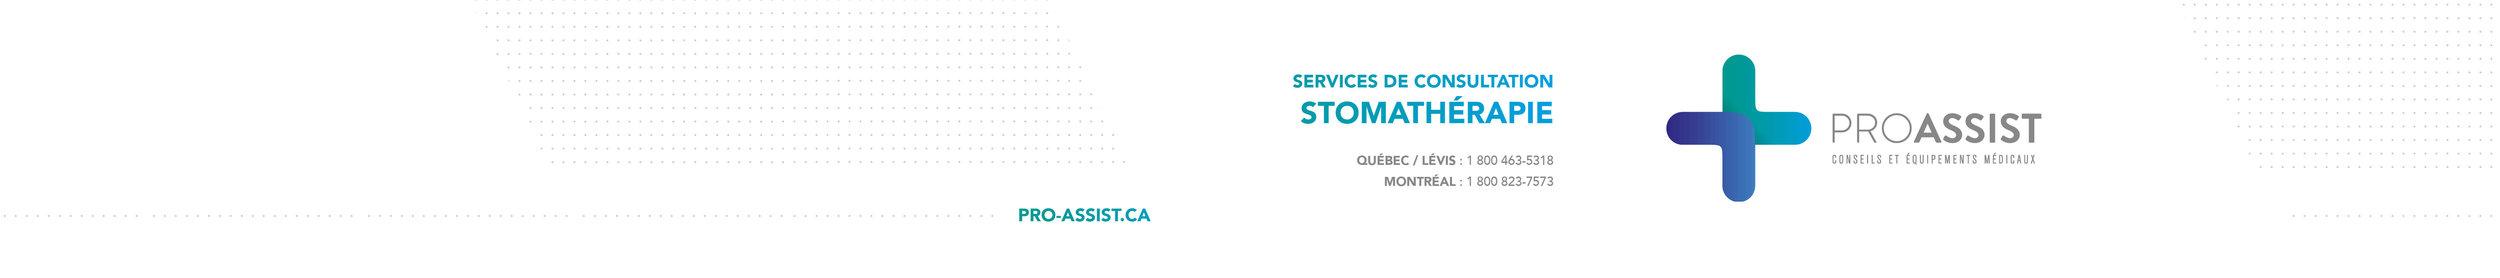 Pro Assist_Stoma_FR Stomothérapie.jpg